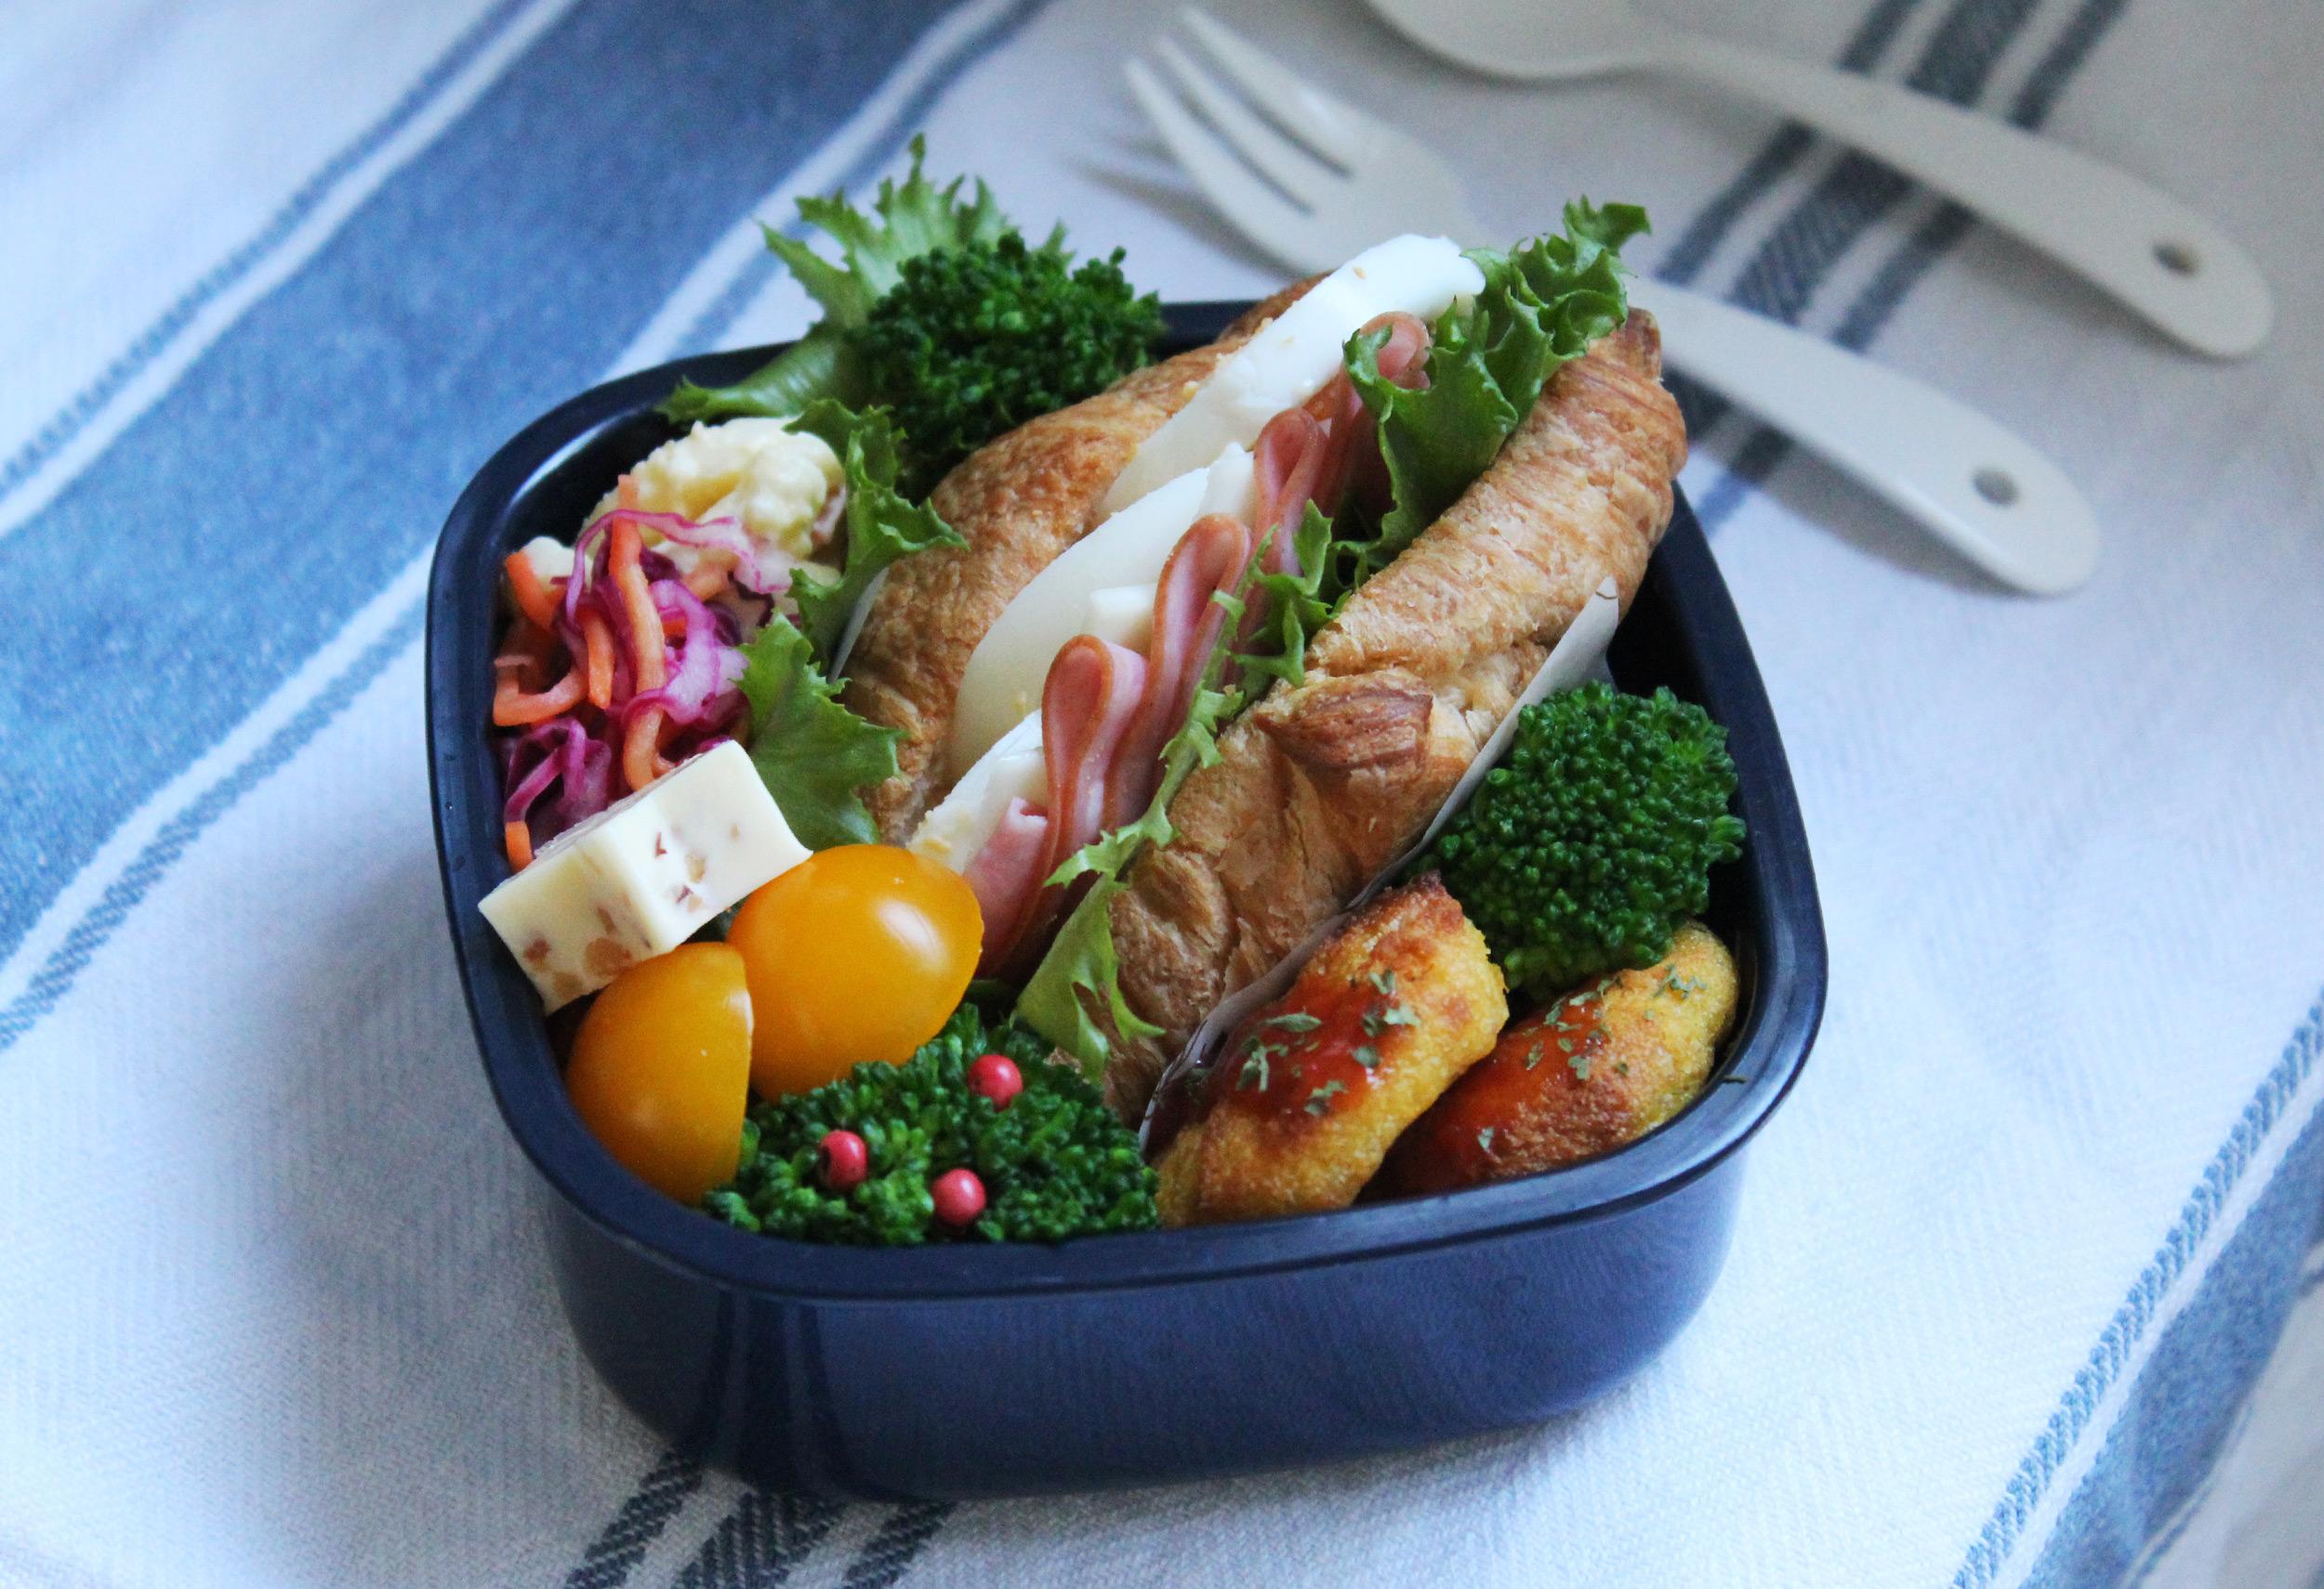 クロワッサンサンドとビアソーセージのおこさま弁当 - お弁当の詰め方と盛り付けのコツ - ピクニックにもおすすめ